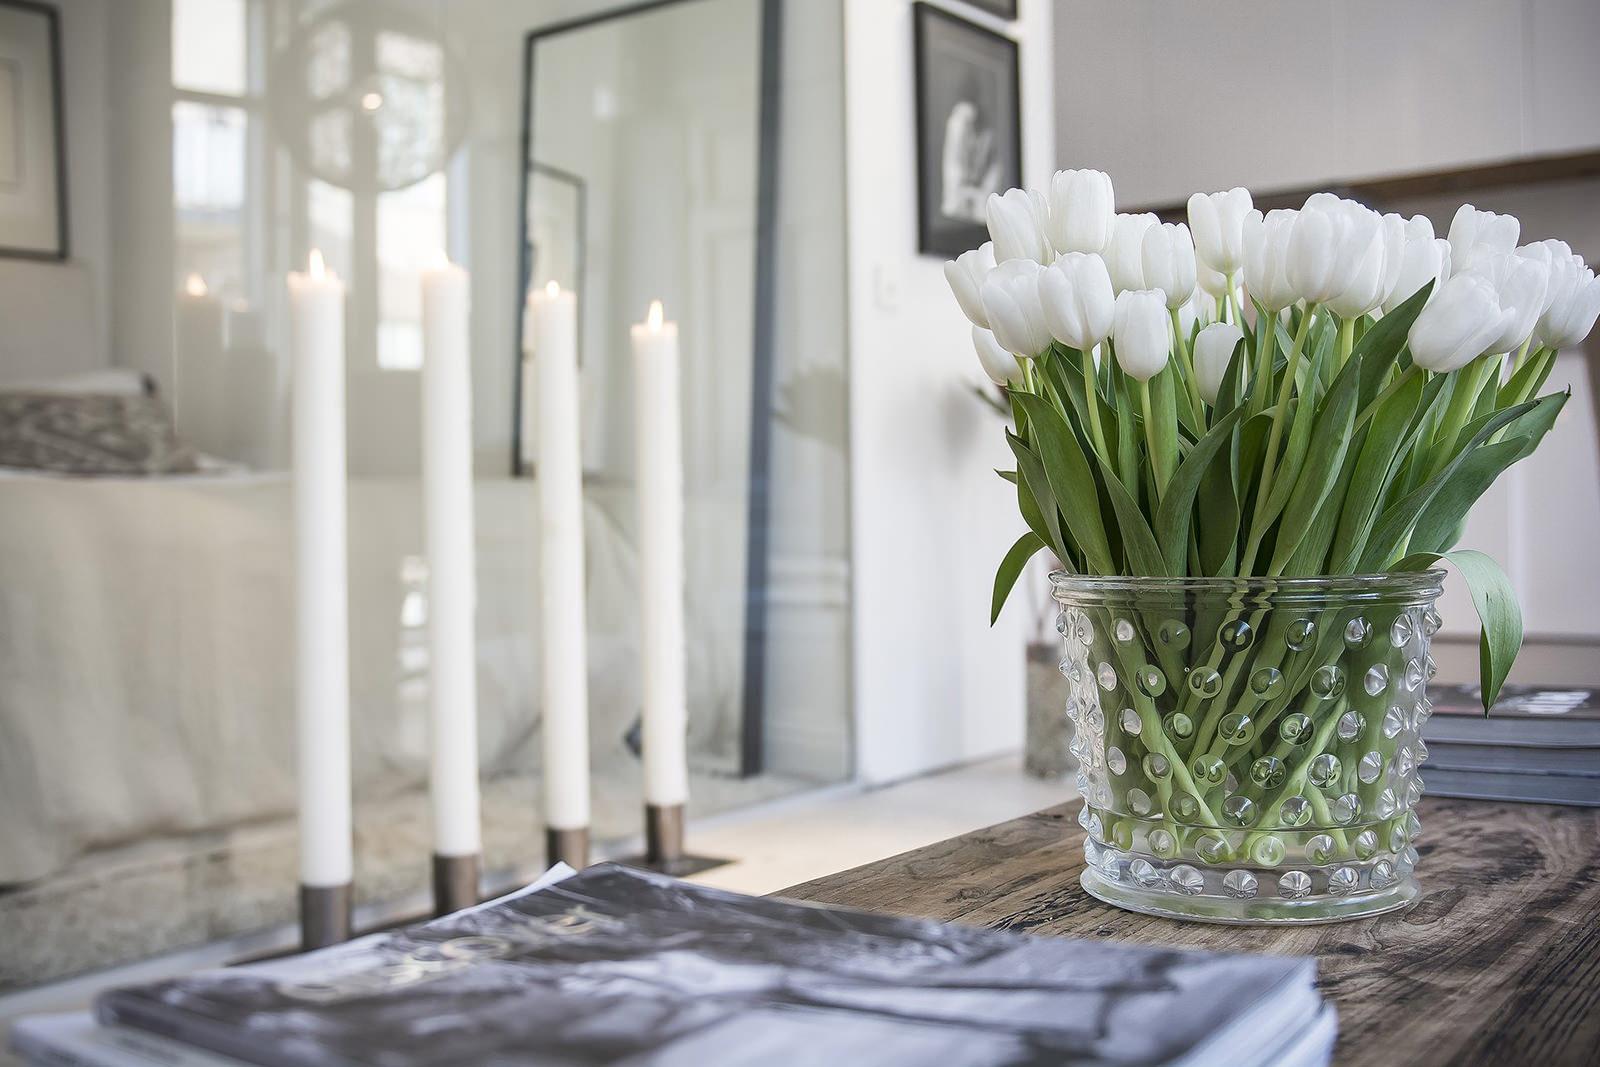 Ваза с цветами на стол в комнате